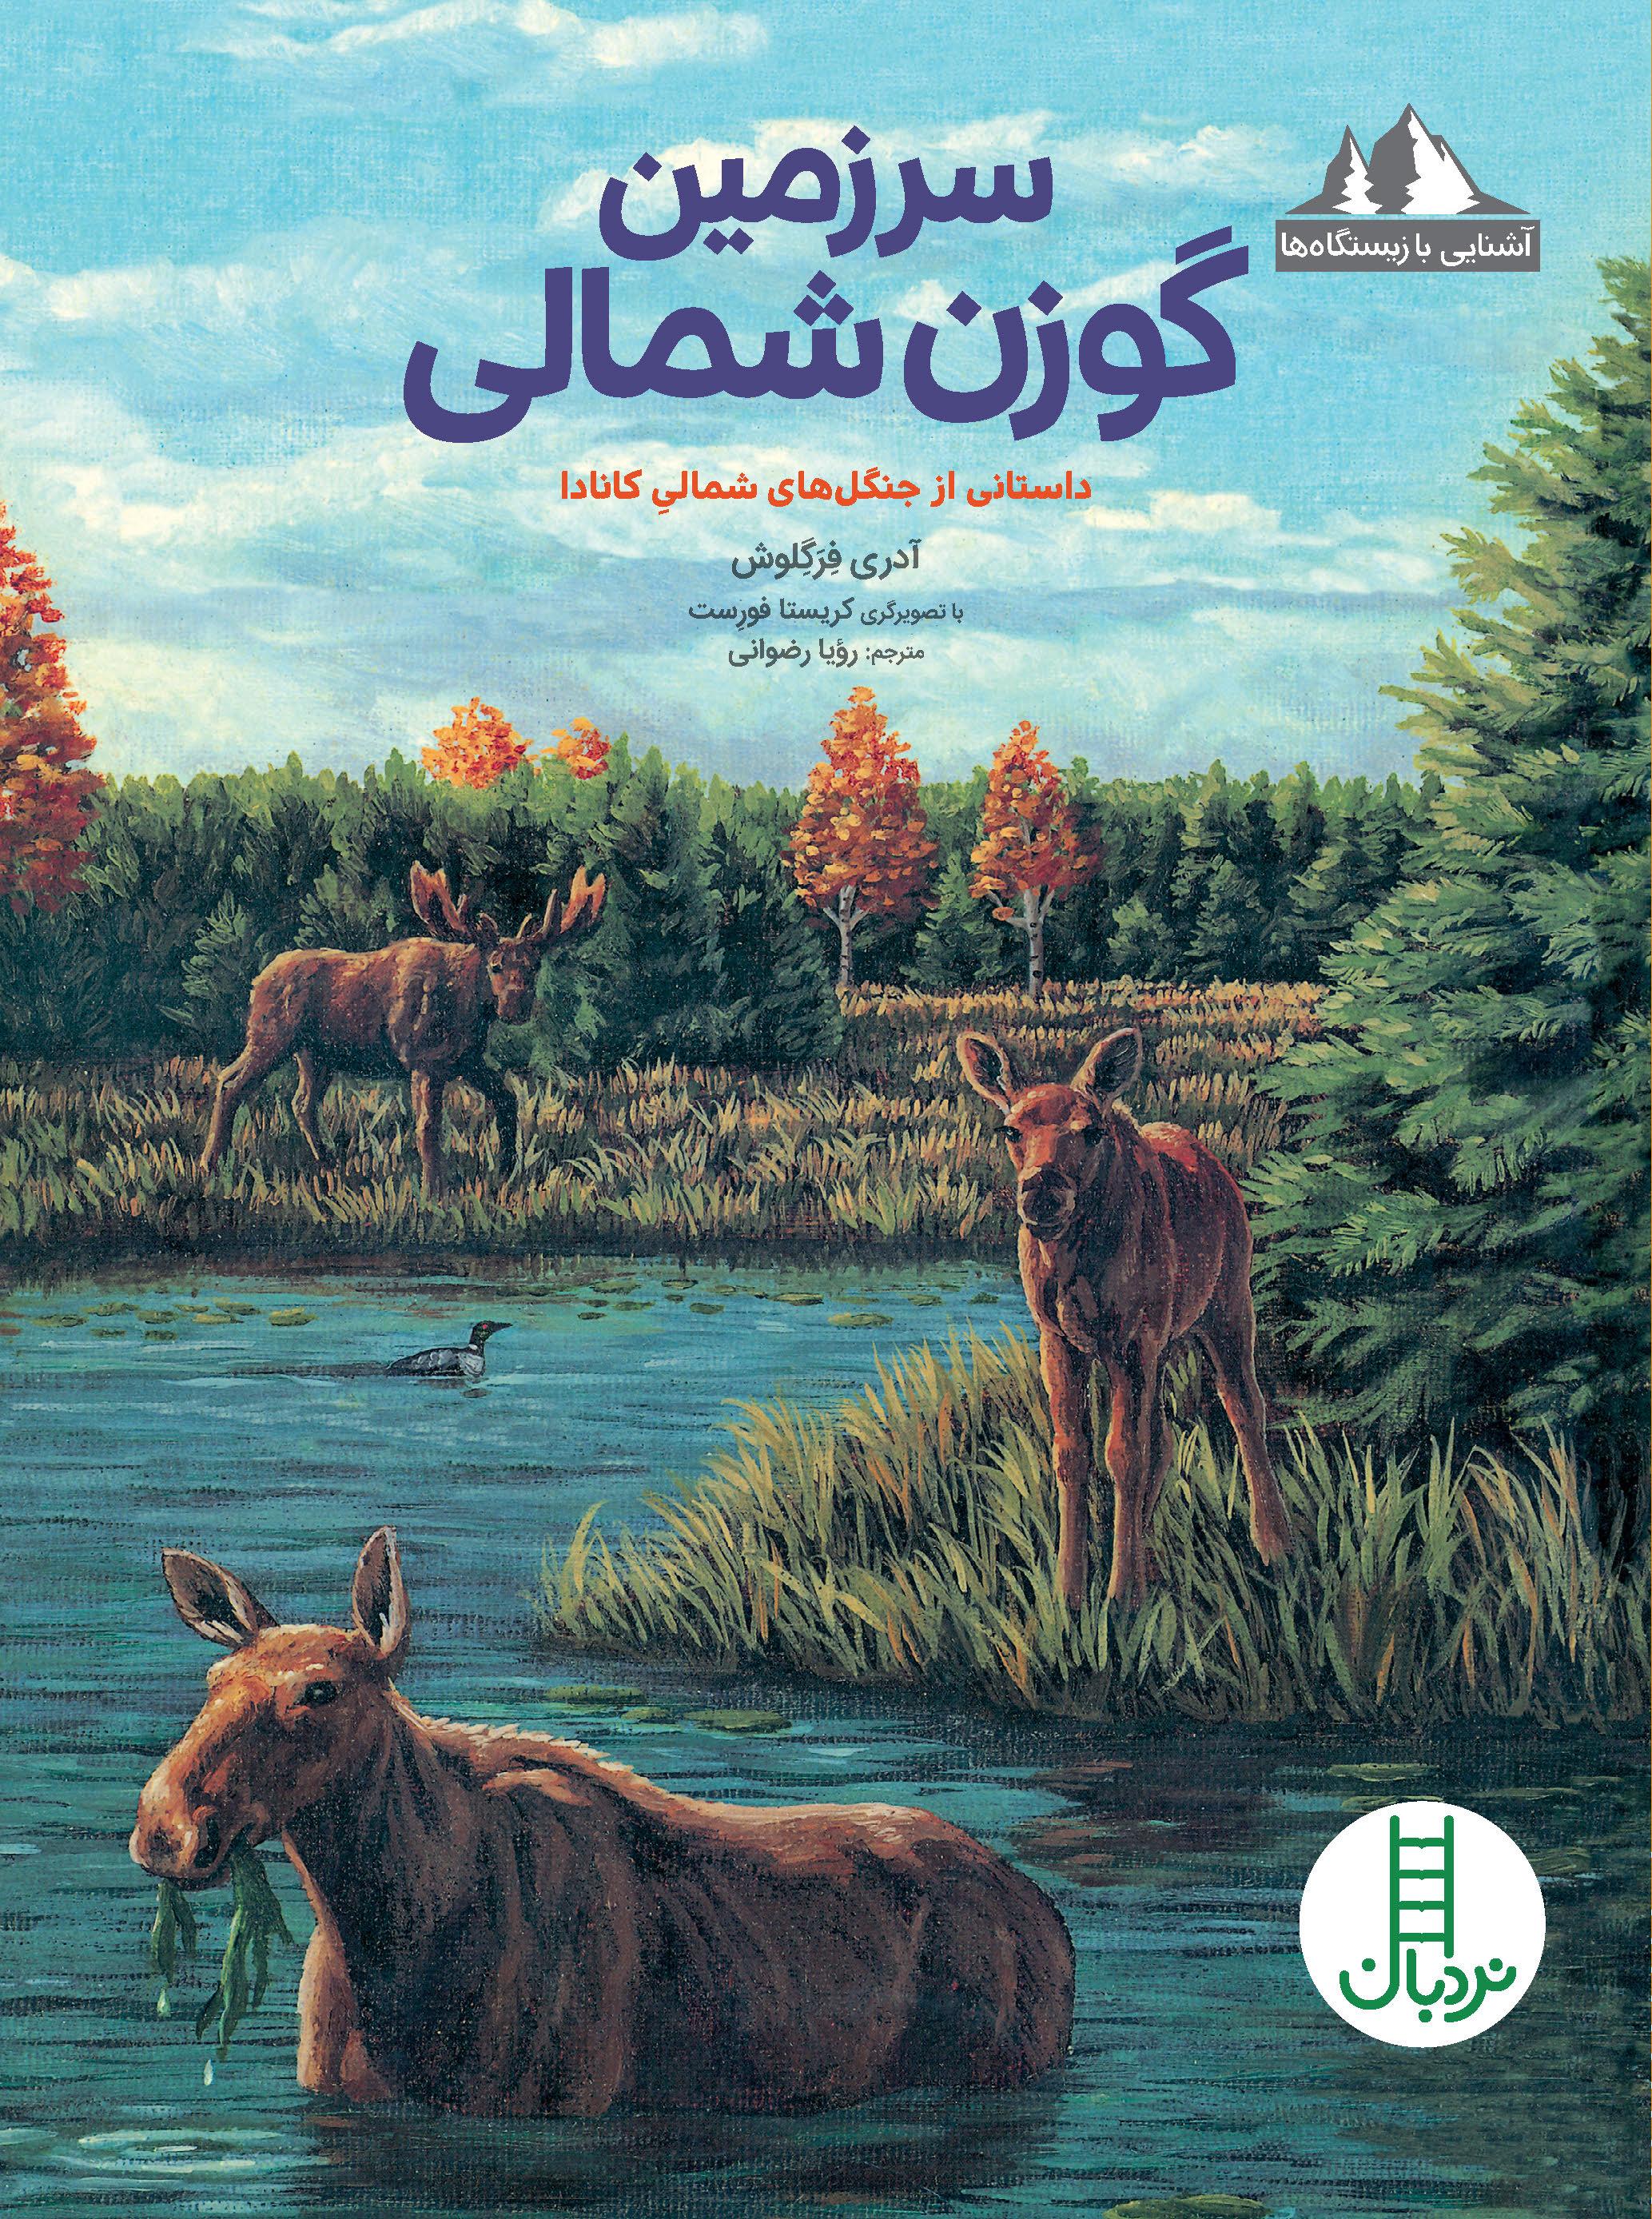 سرزمین گوزن شمالی (داستانی از جنگلهای شمالی کاناد...